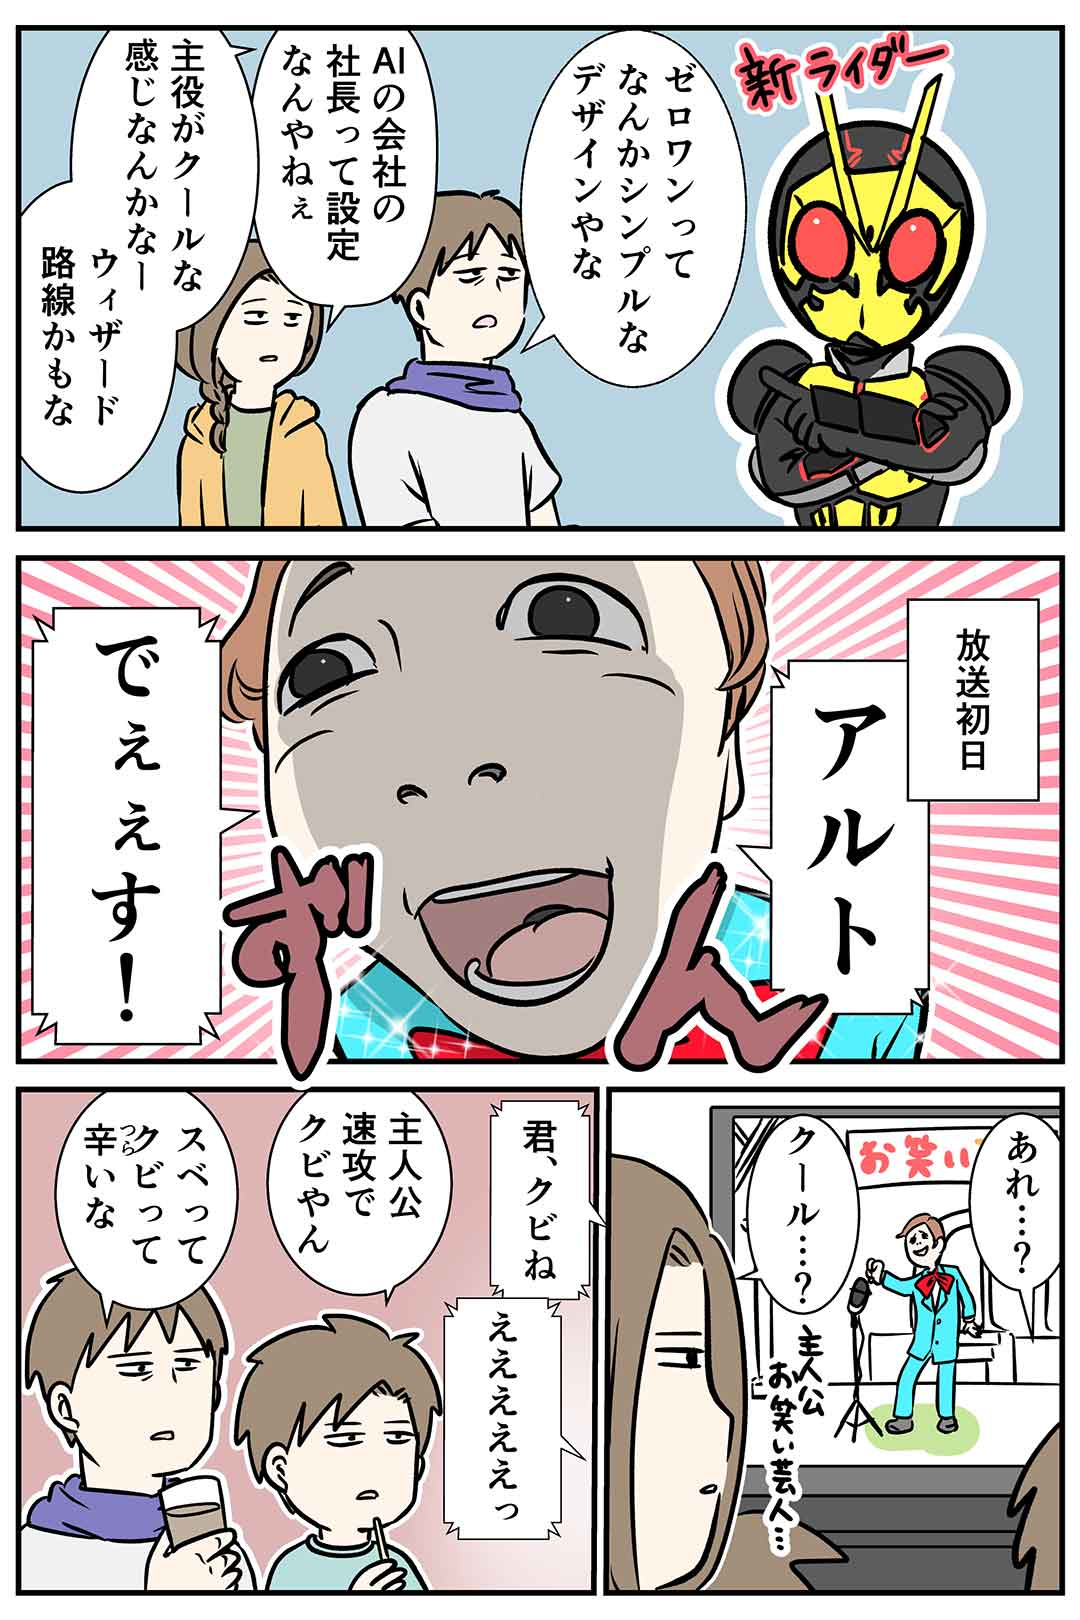 【腹筋崩壊太郎】仮面ライダーゼロワンのなかやまきんに君の話